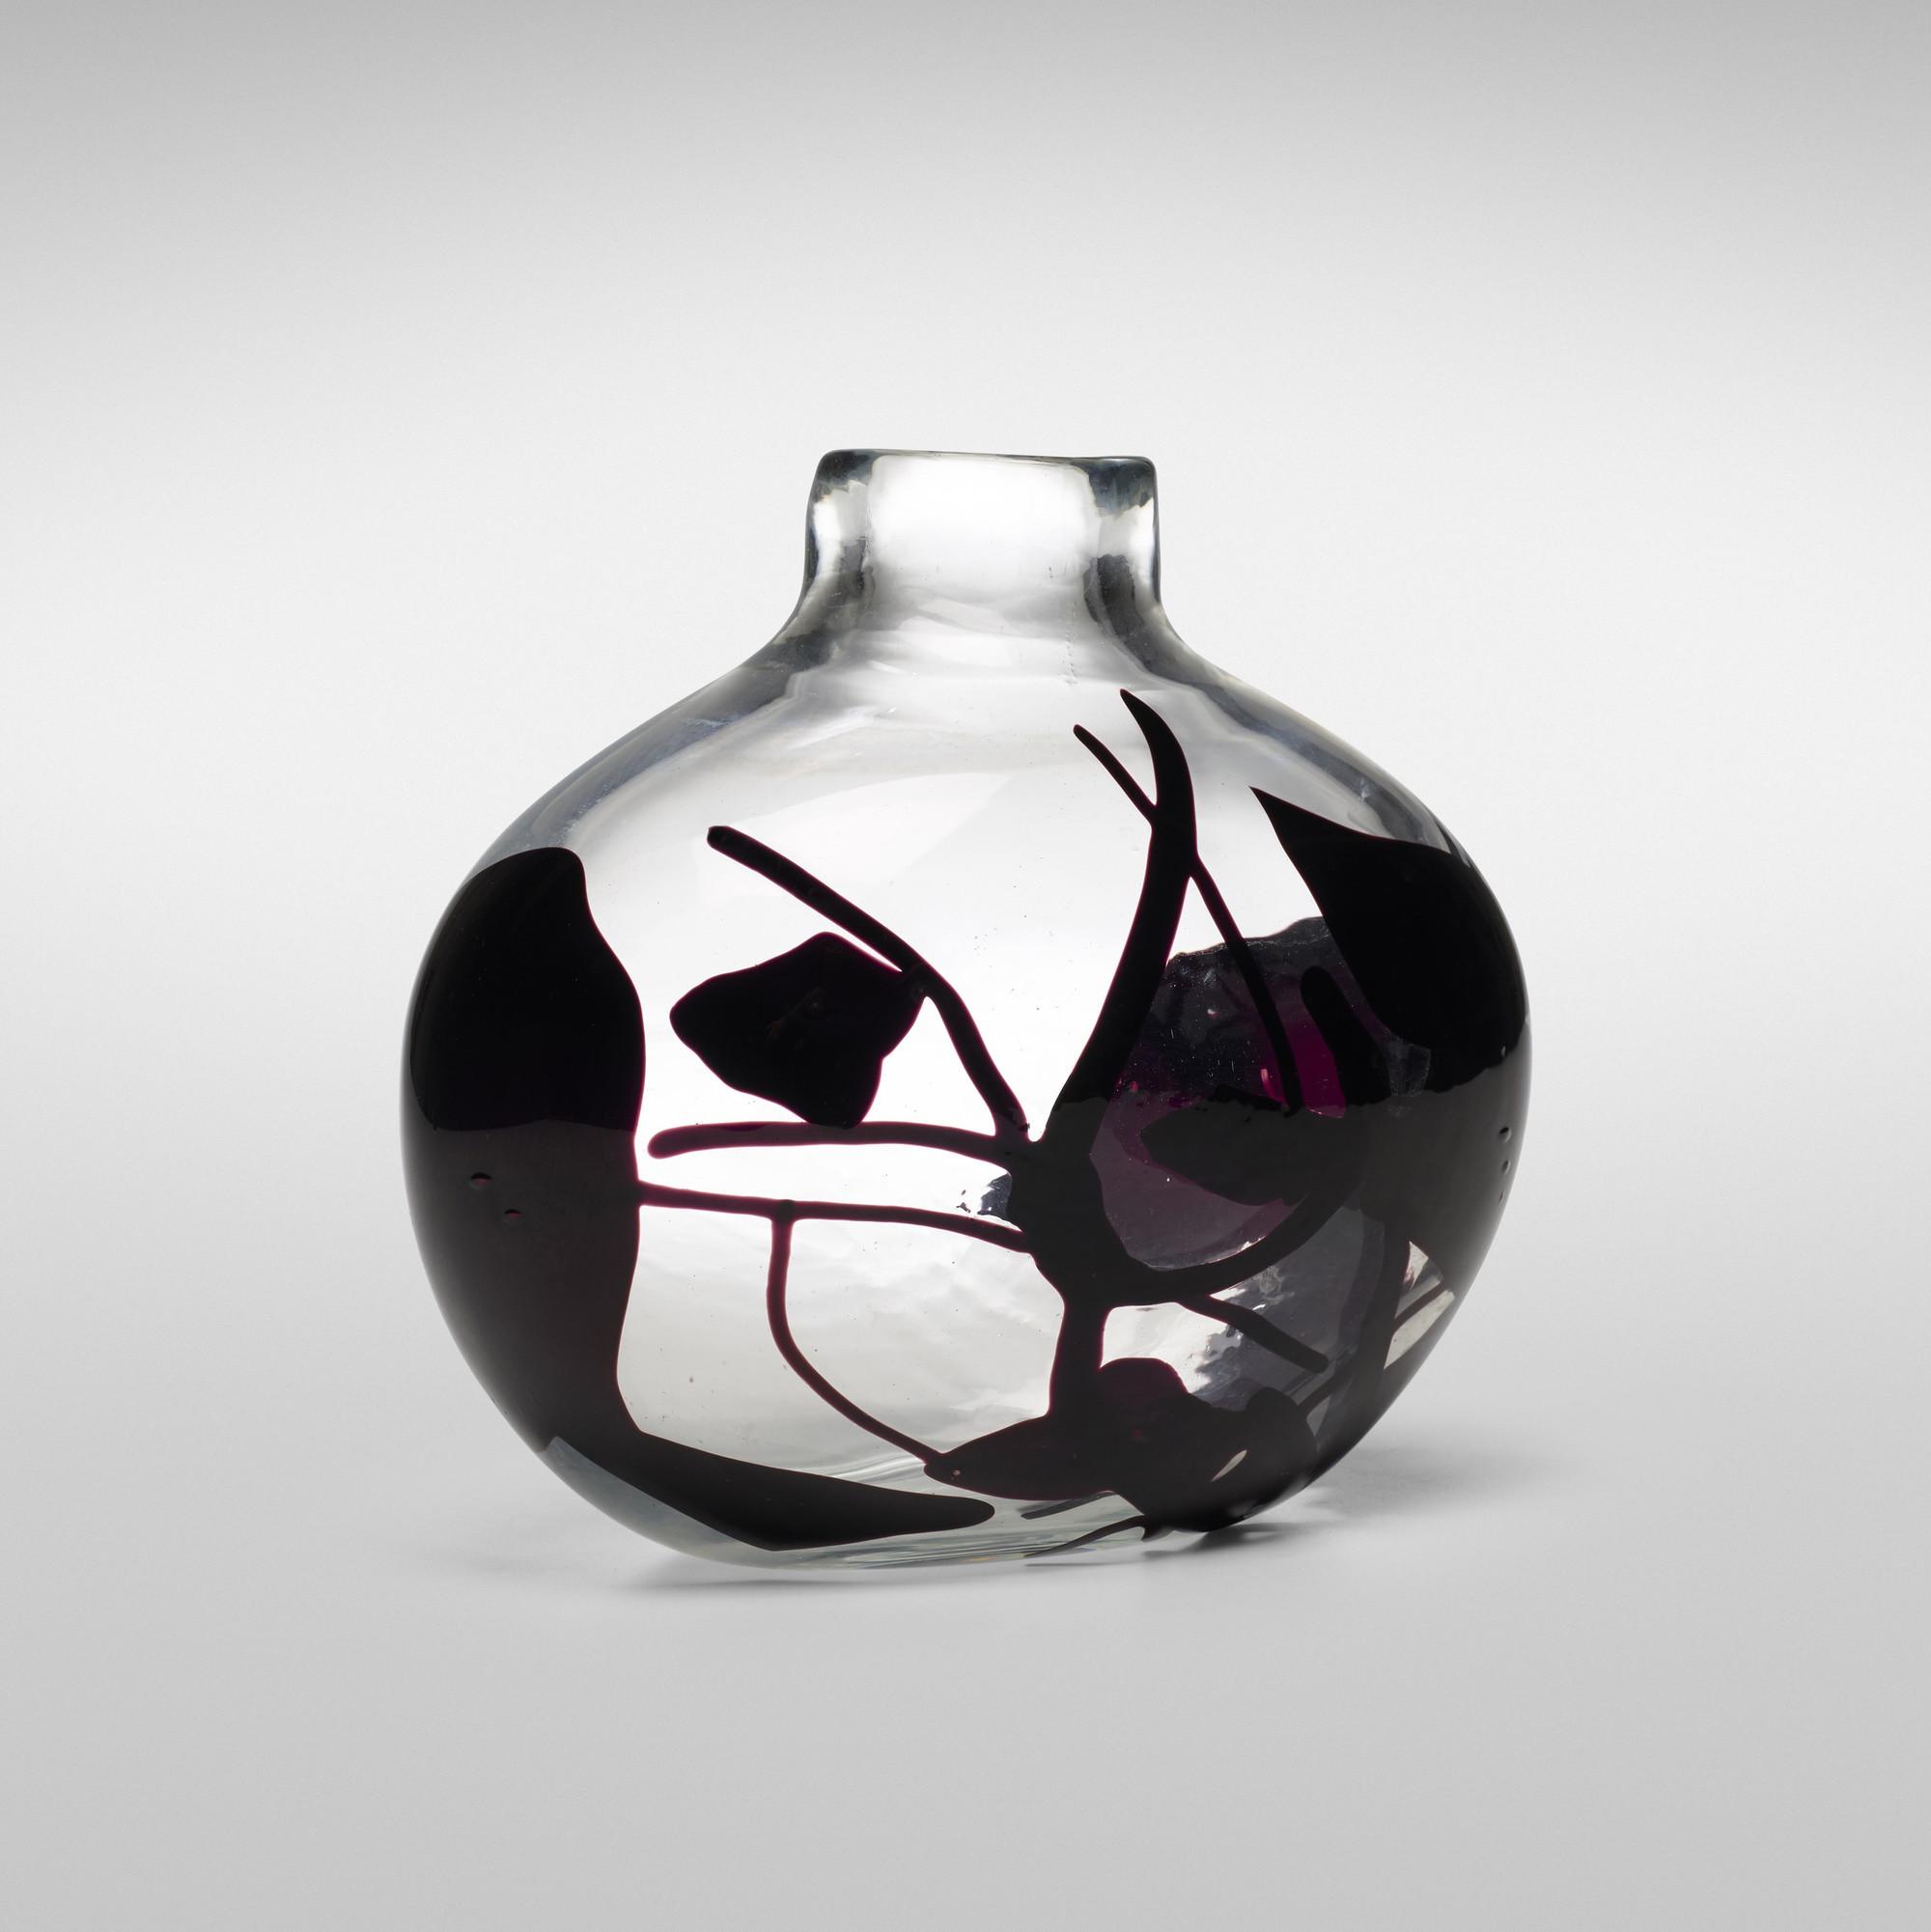 15 Stylish Arte Murano Vase 2021 free download arte murano vase of 139 fulvio bianconi important con macchie vase model 4324 intended for 139 fulvio bianconi important con macchie vase model 4324 2 of 4